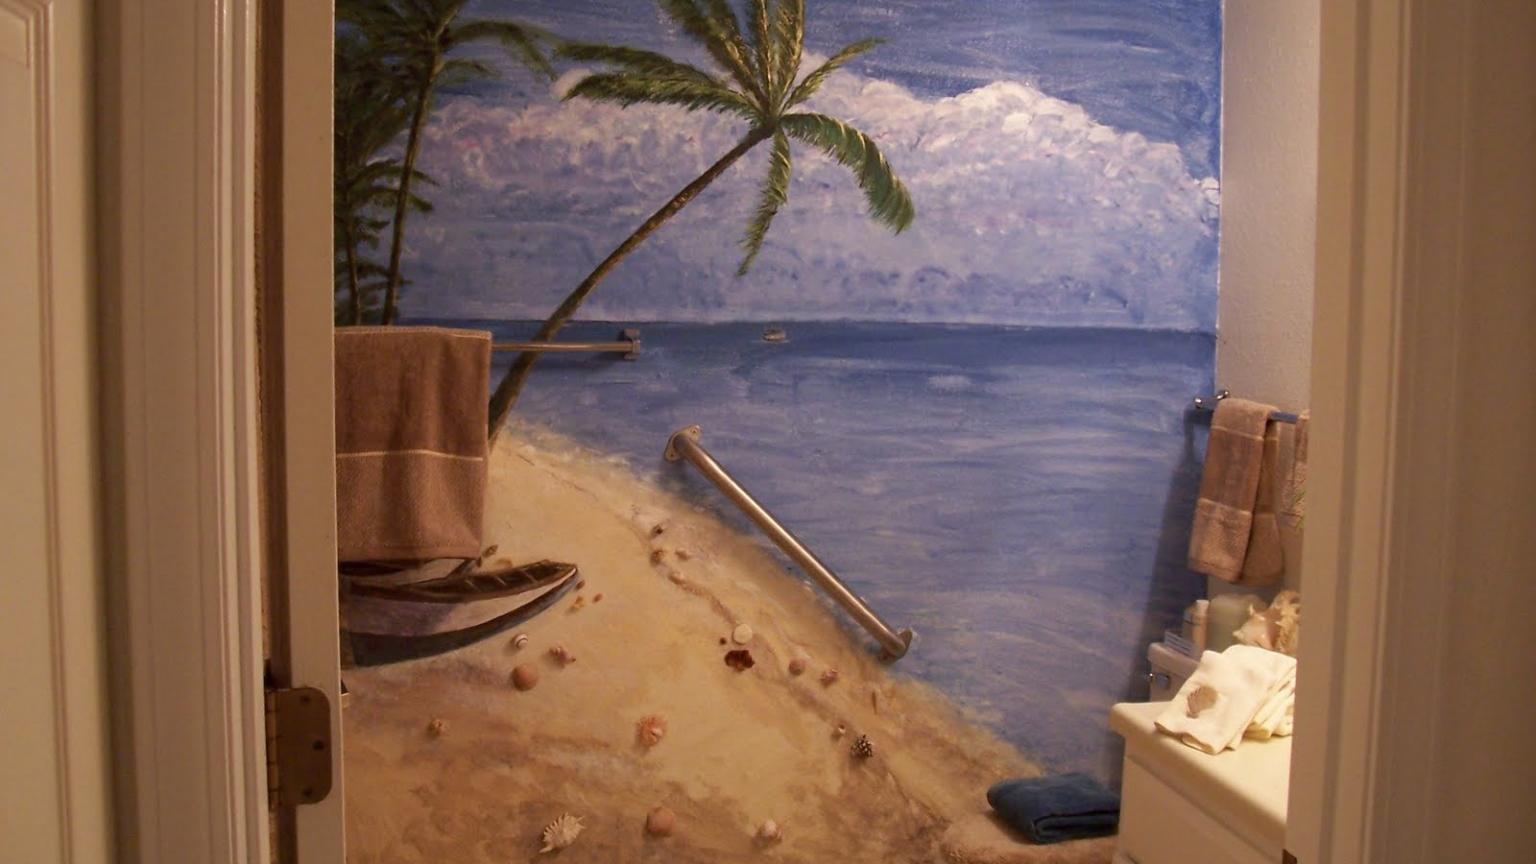 Theme Decor For Your Bathroom